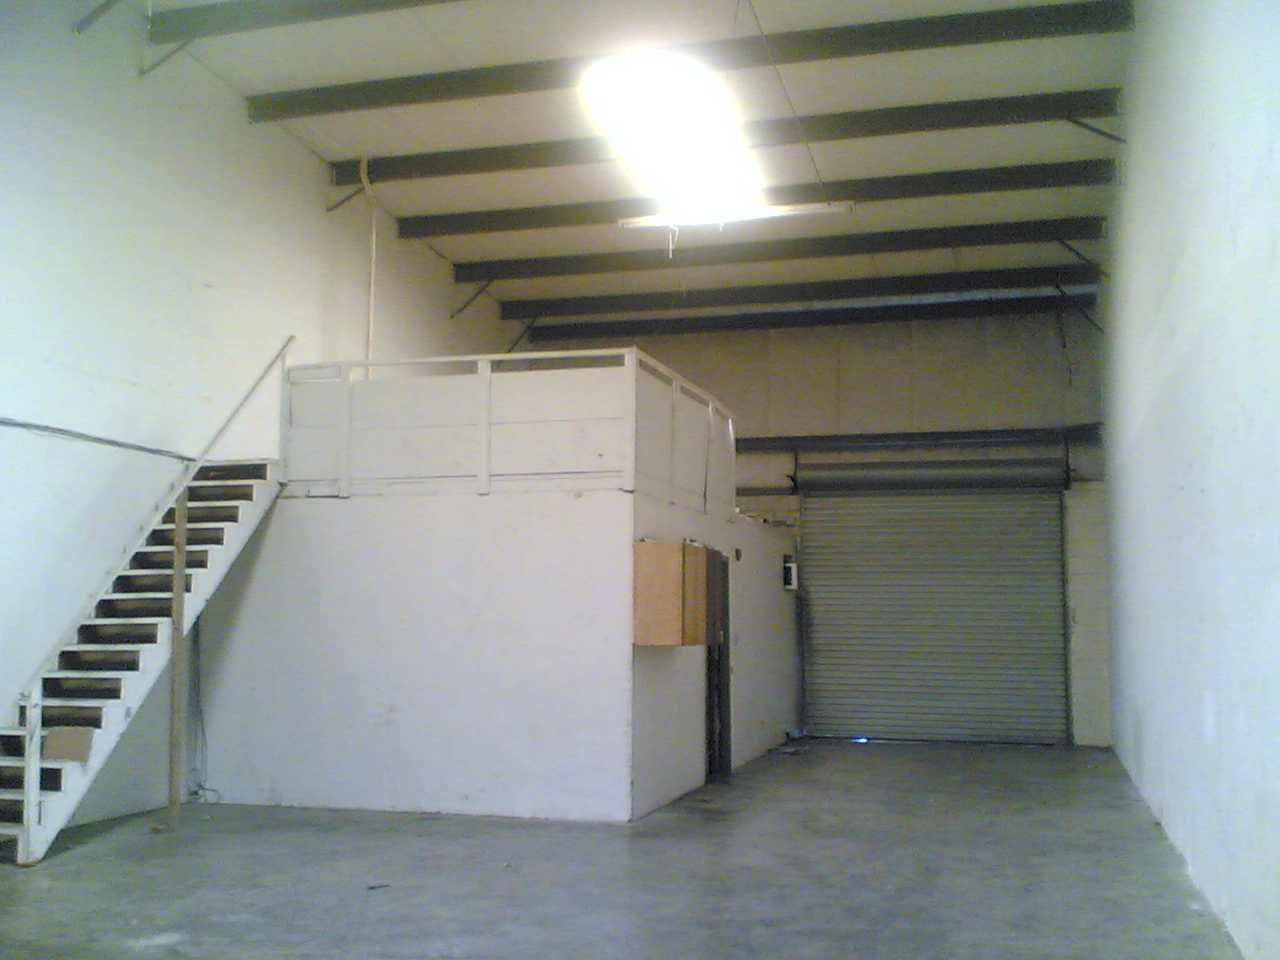 The Mackin Commerce Center Warehouse Leasing 2320 Clark St